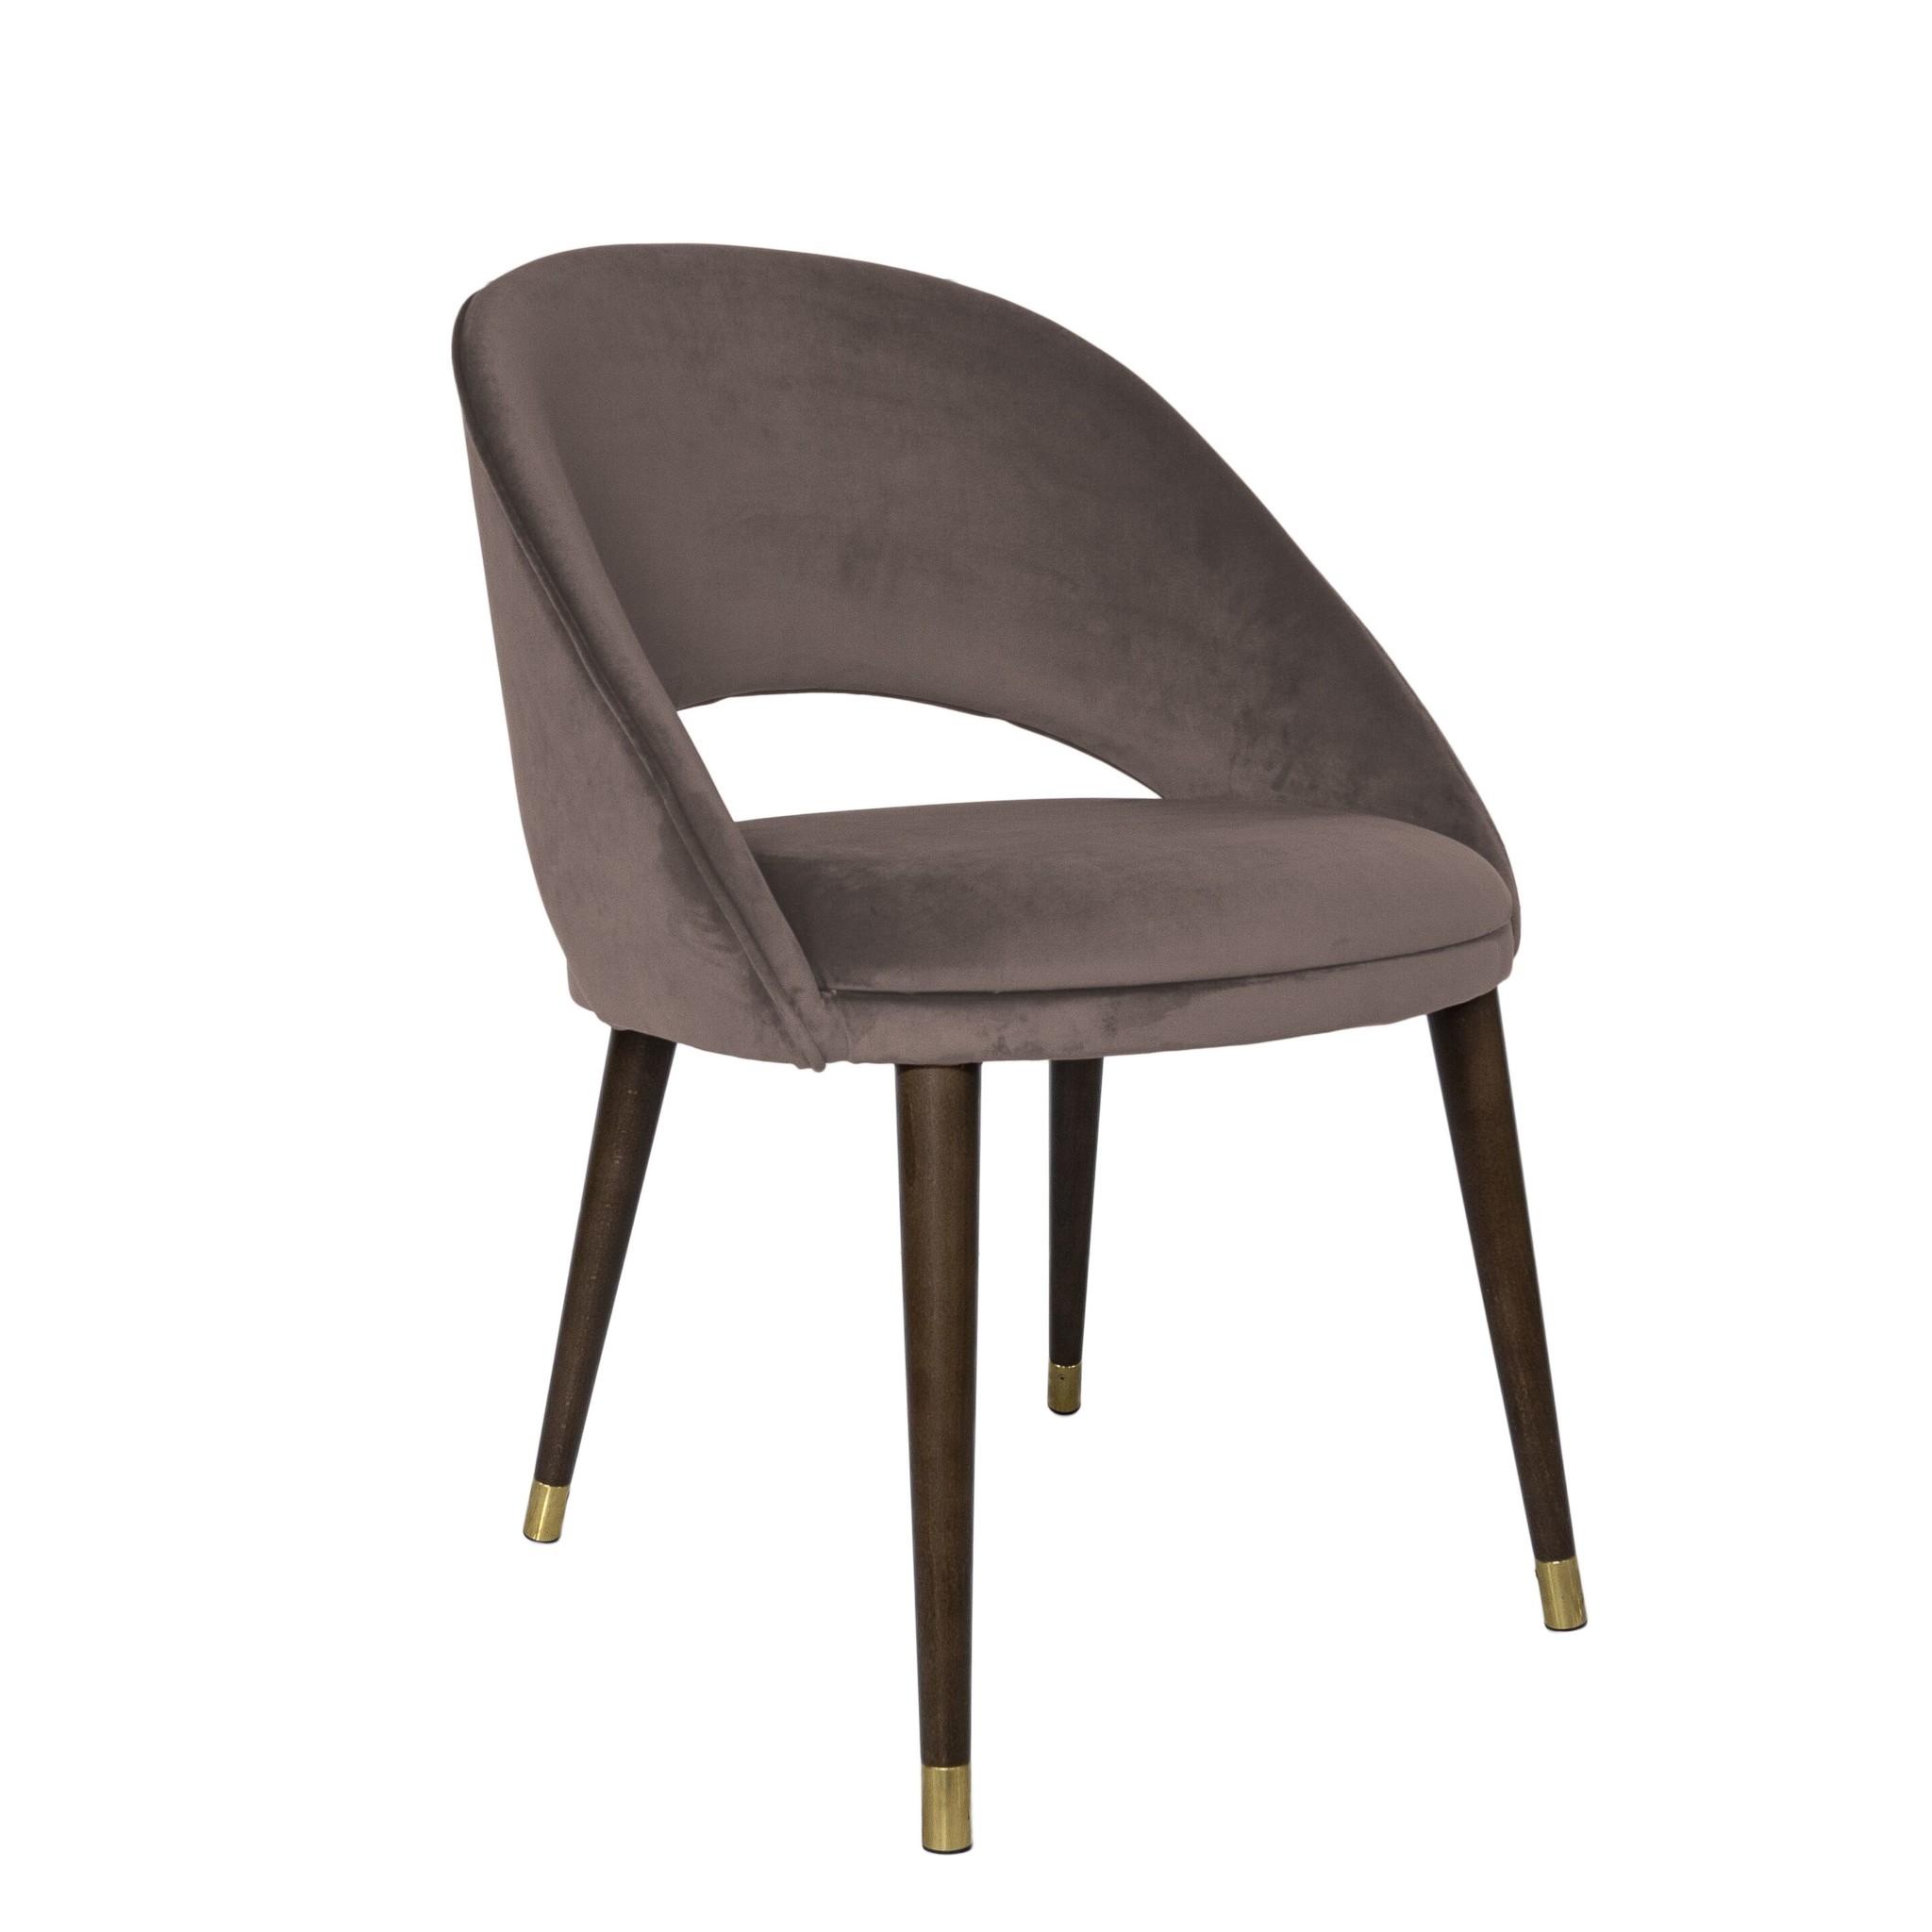 Dining Chair Bend Wilhelmina Designs